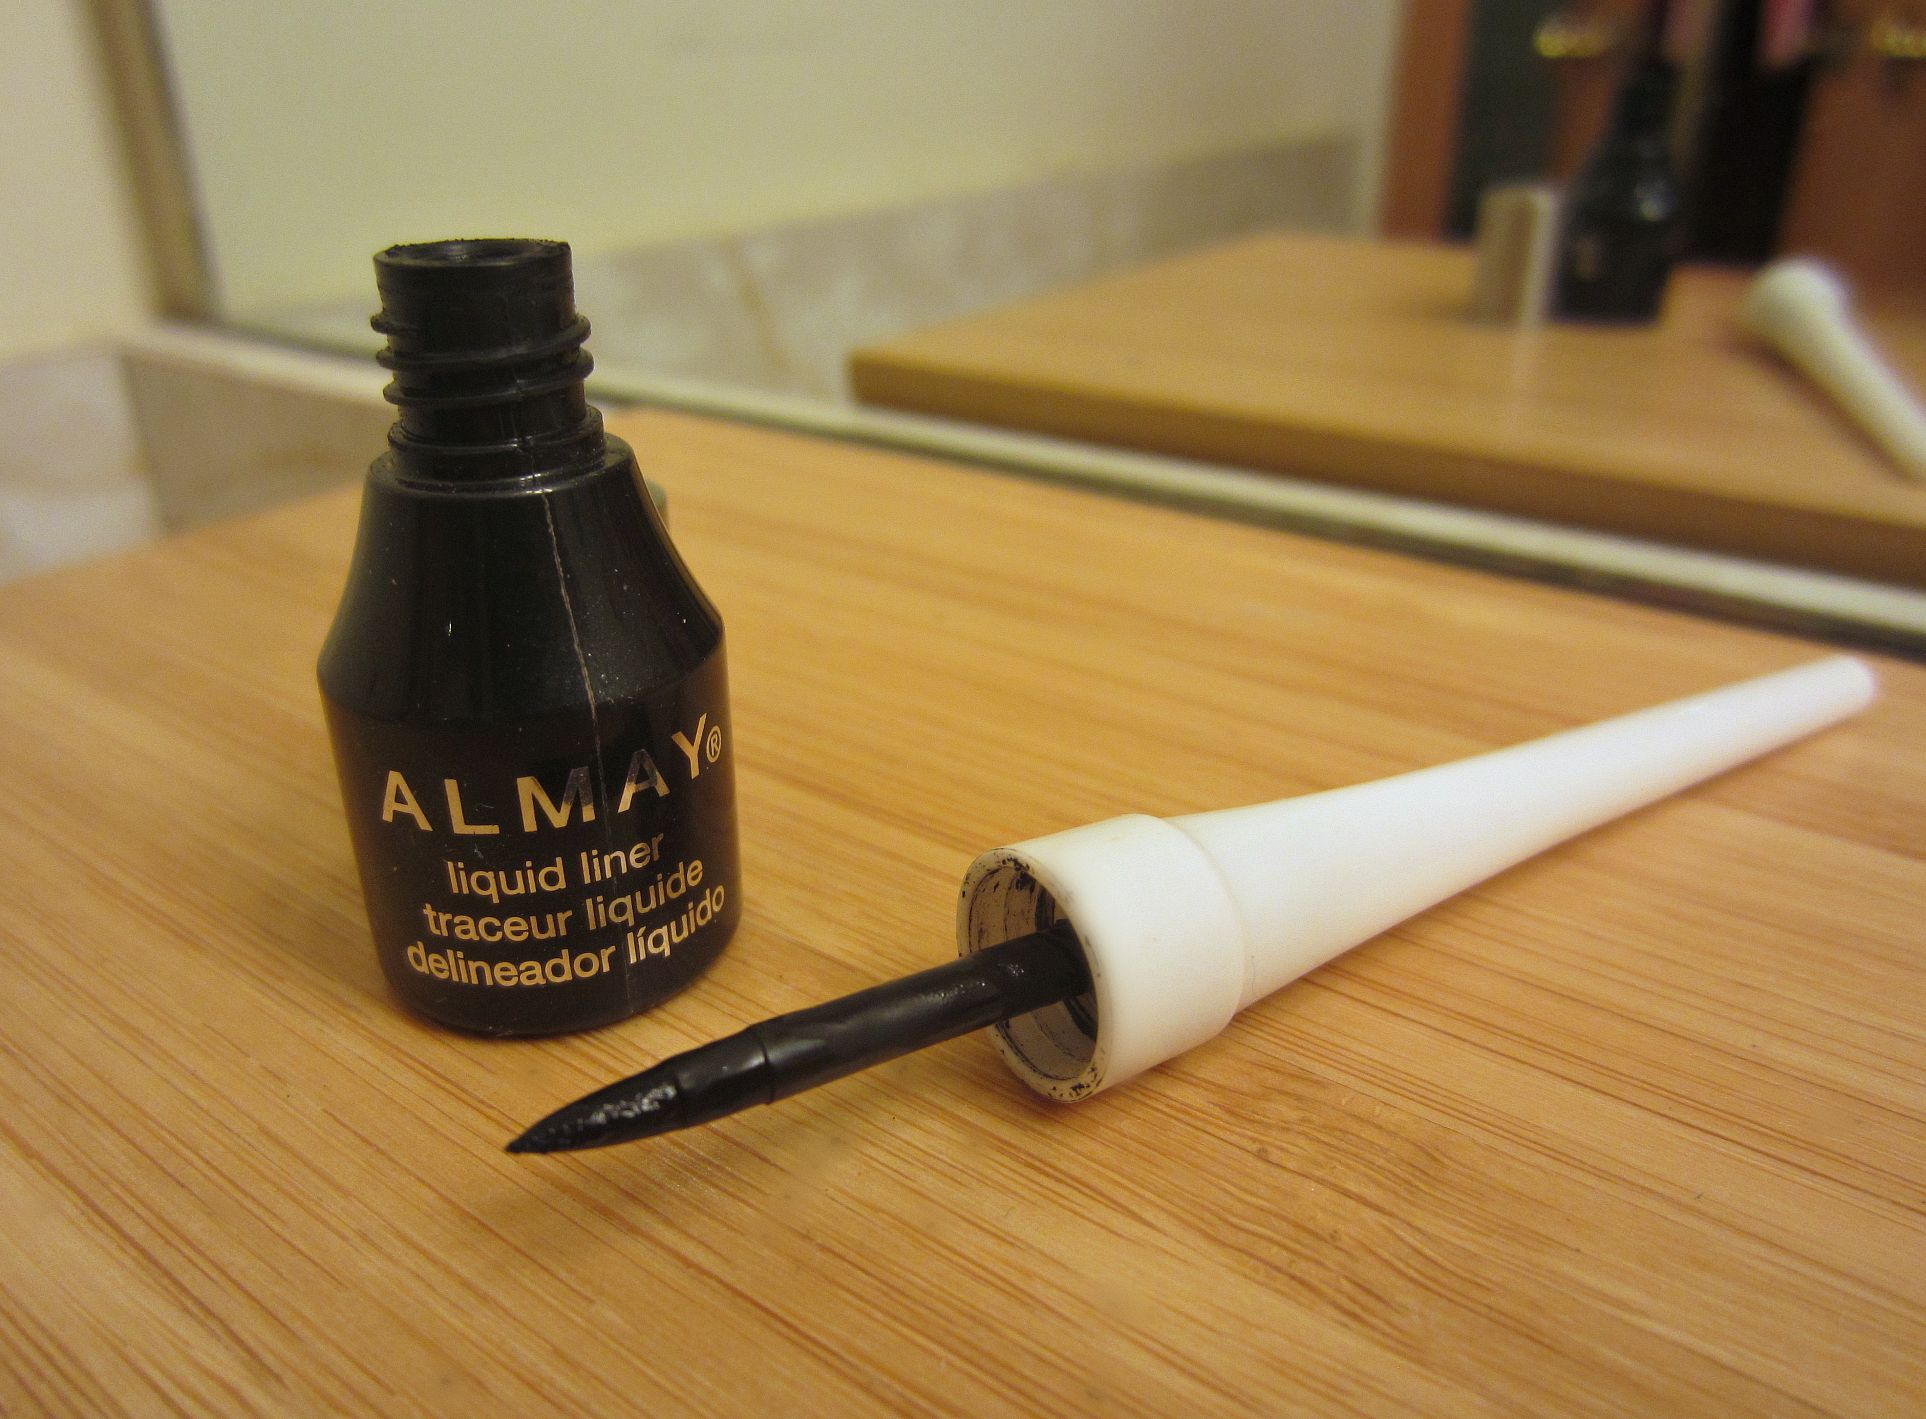 Almay liquid liner eyeliner